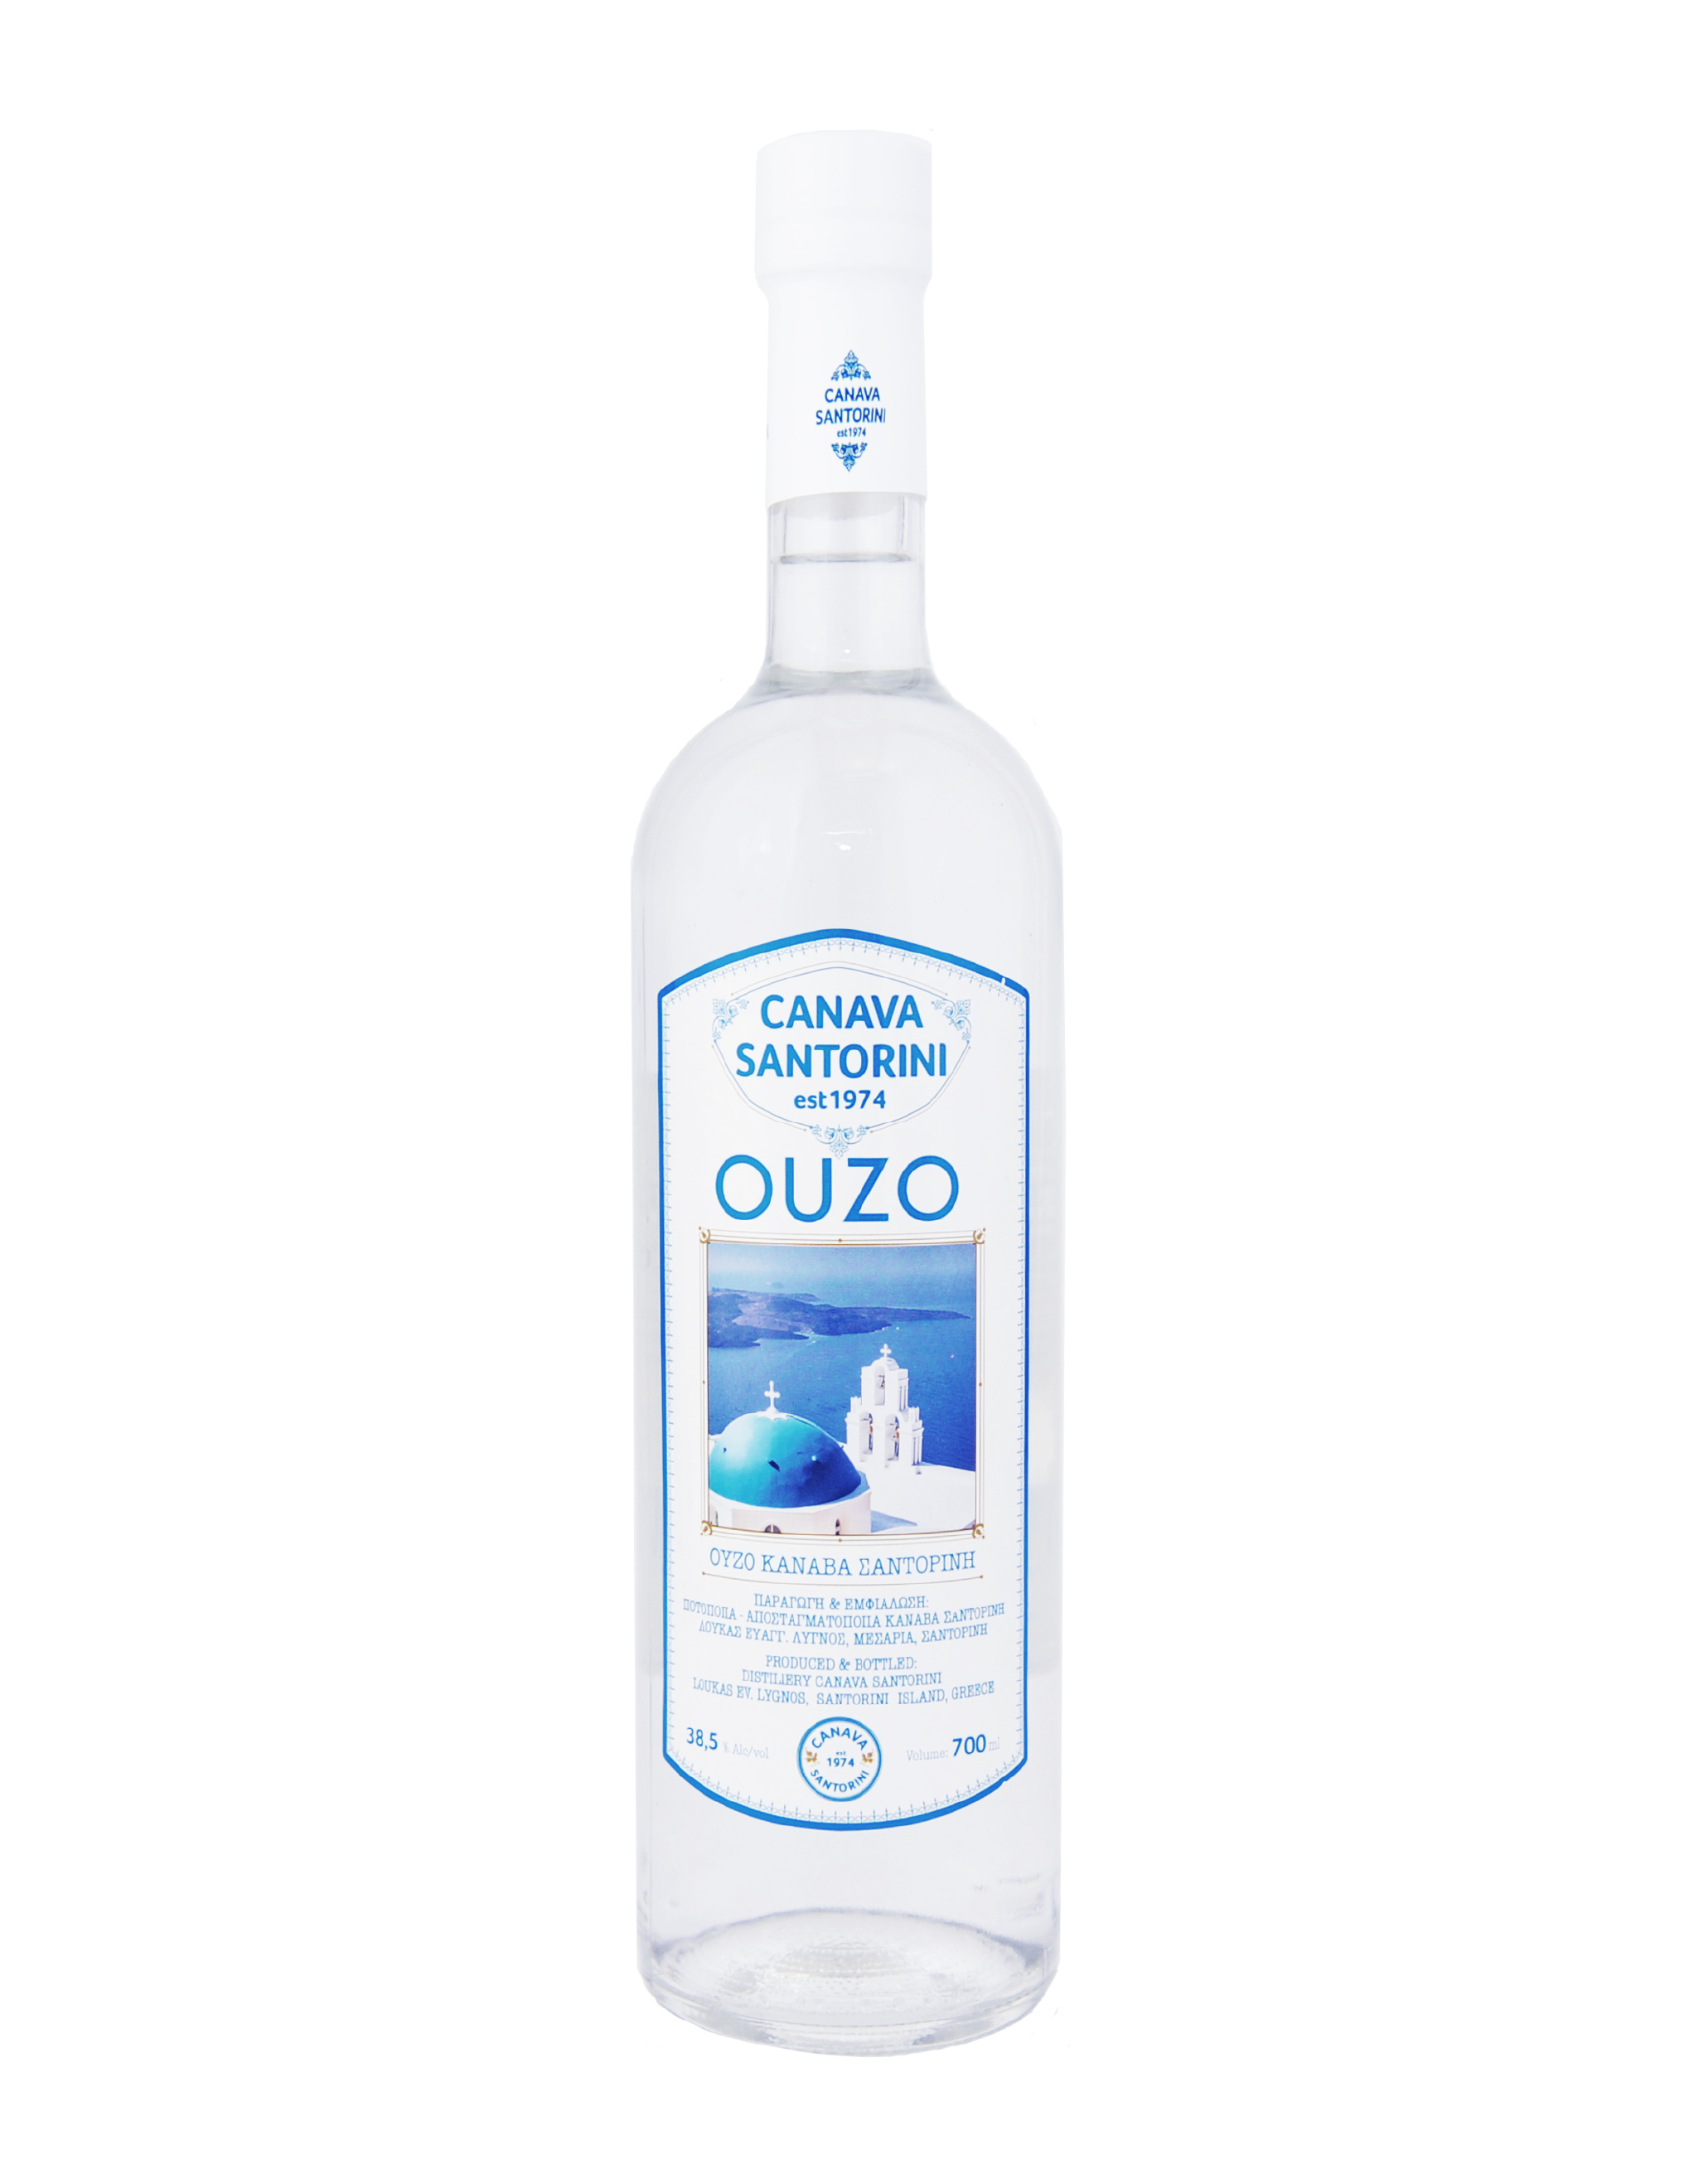 Ouzo Canava Santorini kaufen